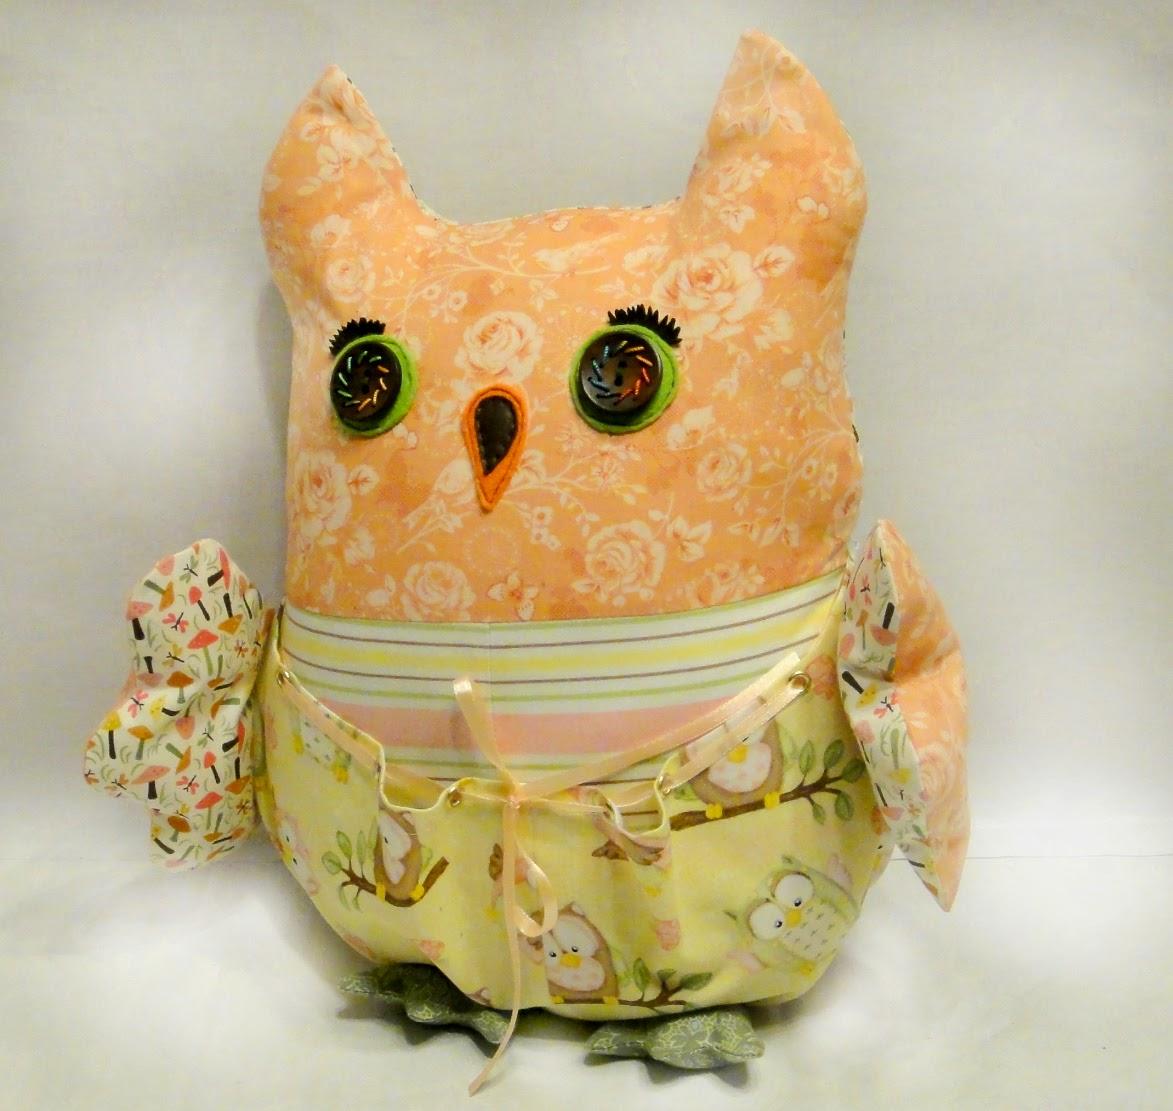 Декоративная подушка Сова Совунья Подарок новорожденному ребенку на годик